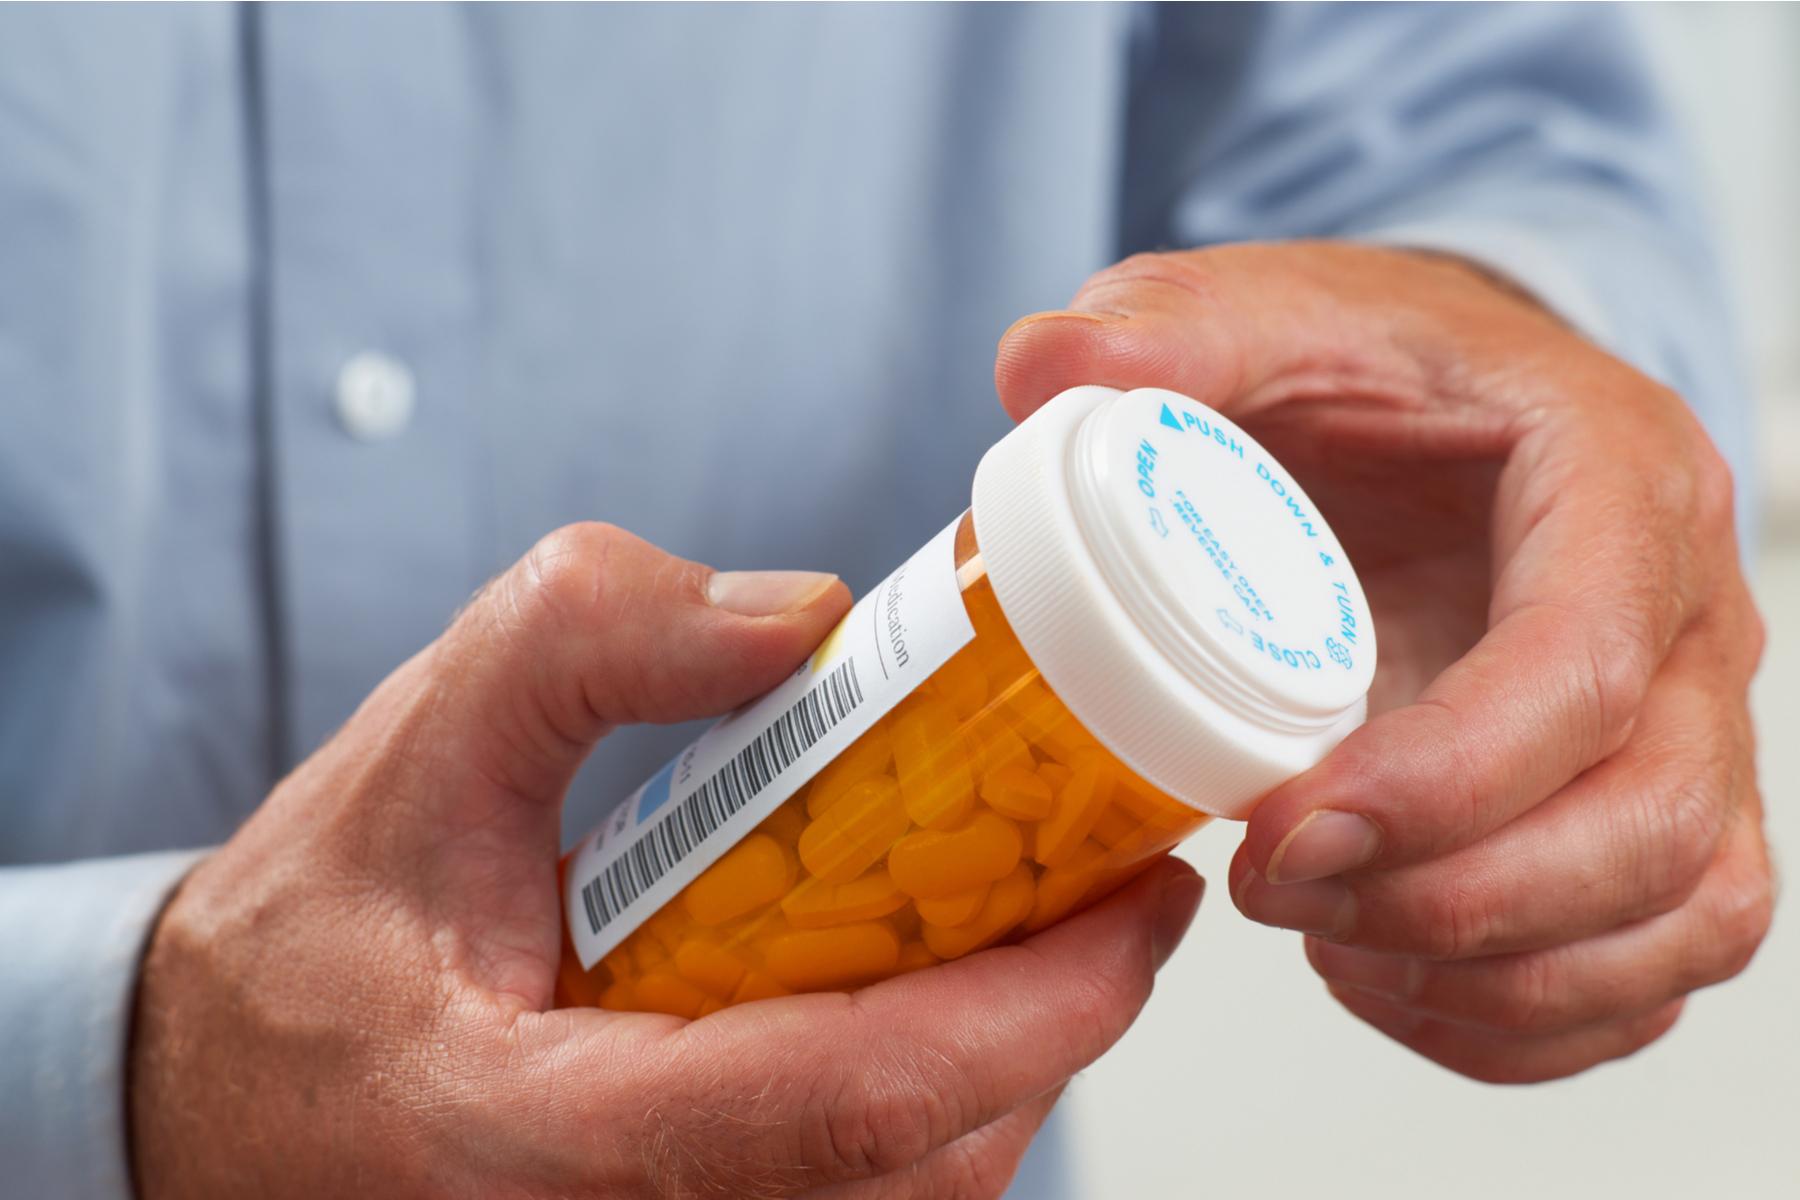 Bottle of prescription drugs